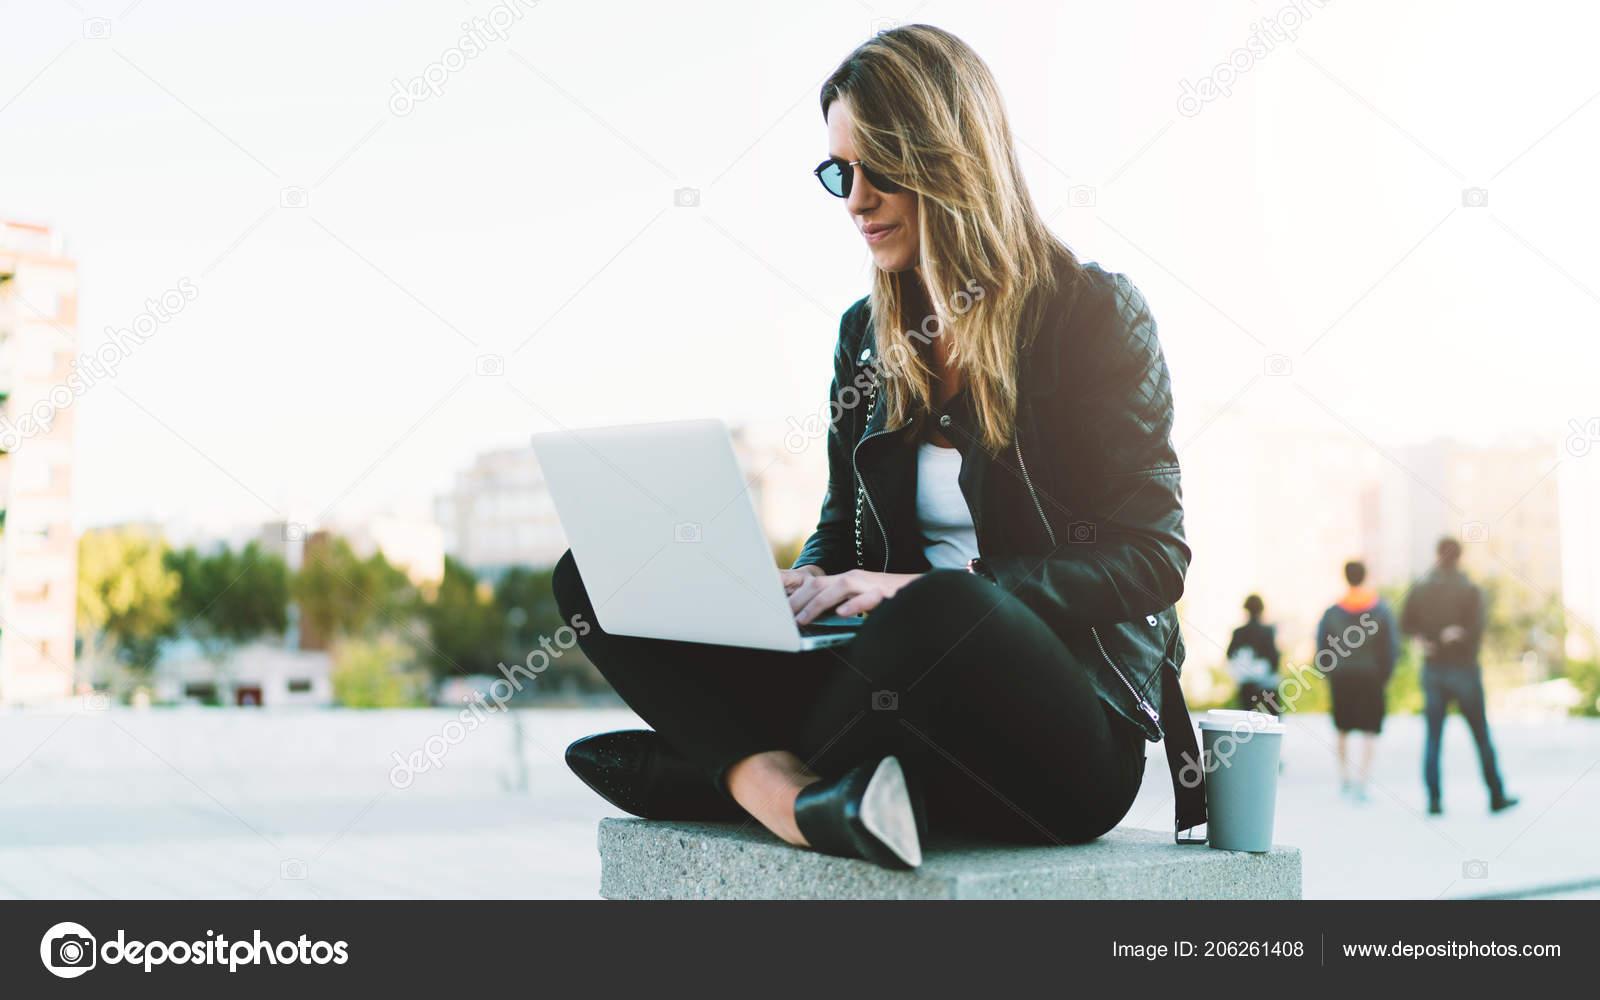 6ce8f82c89e0 Mladí Módní Blogger Nosí Stylové Oblečení Psaní Nového Příspěvku ...